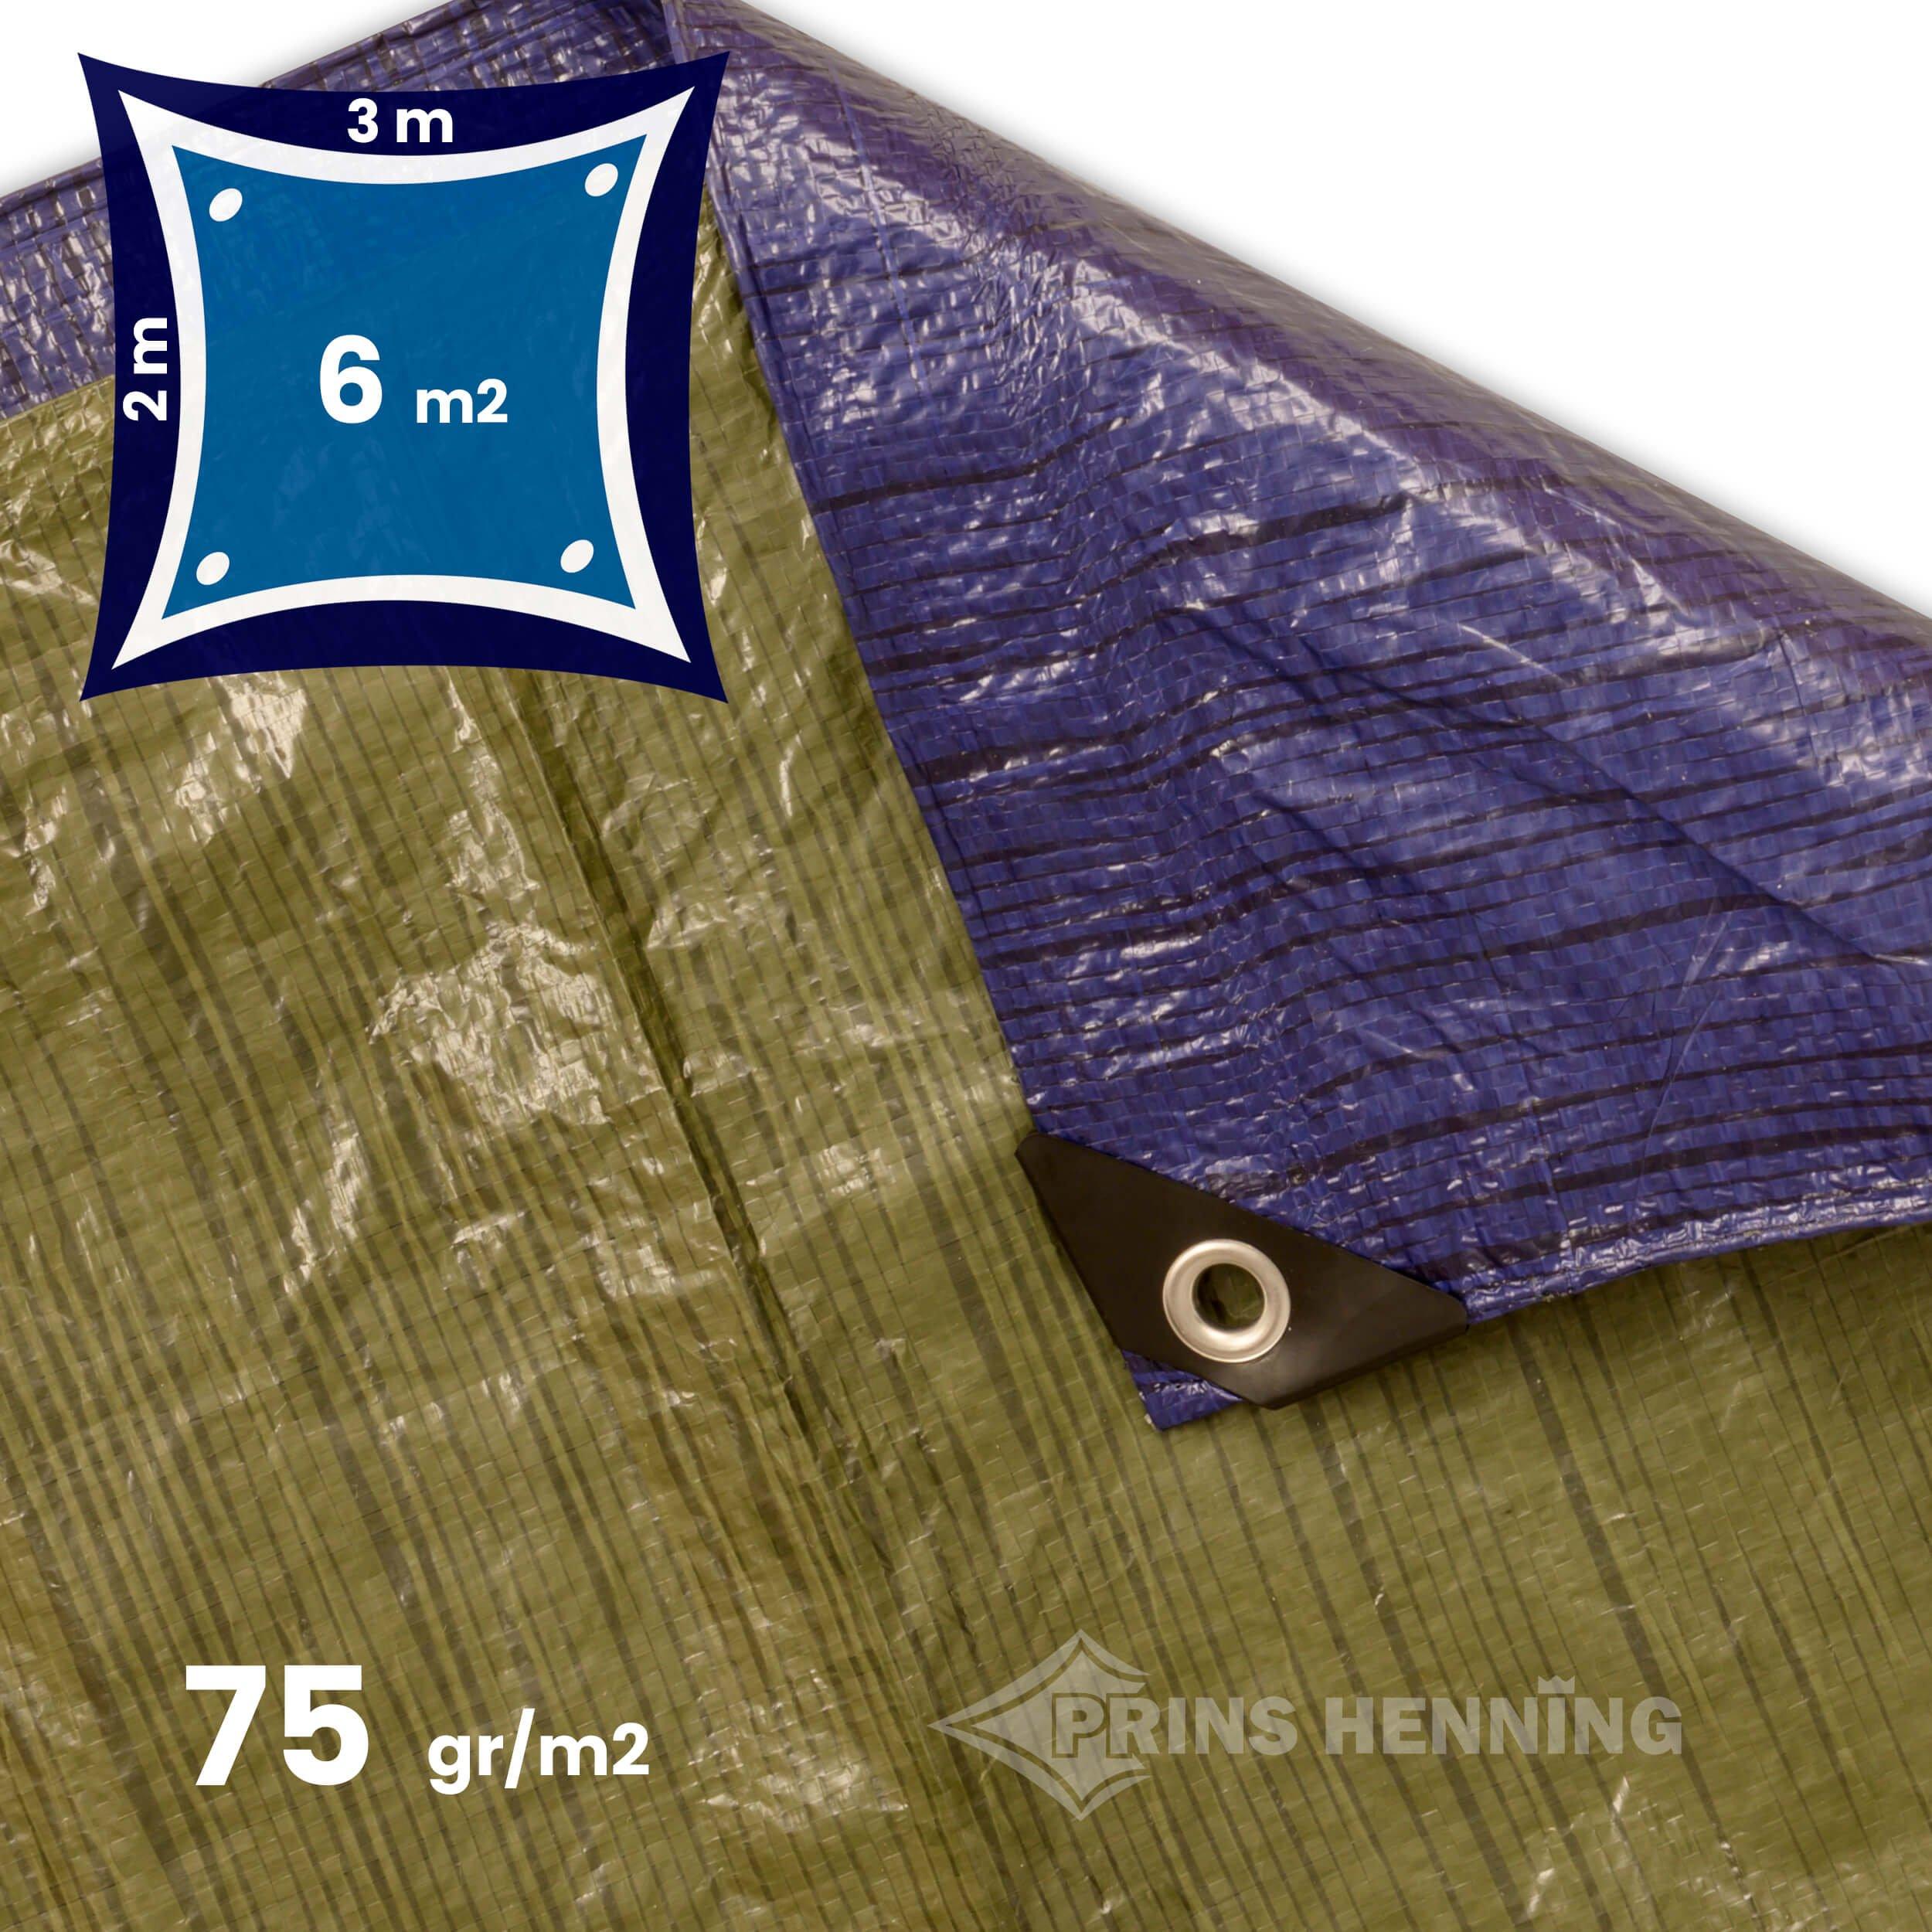 Billig presenning, 2x3 meter, blå/grøn, 75 gr/m2 (letvægt)